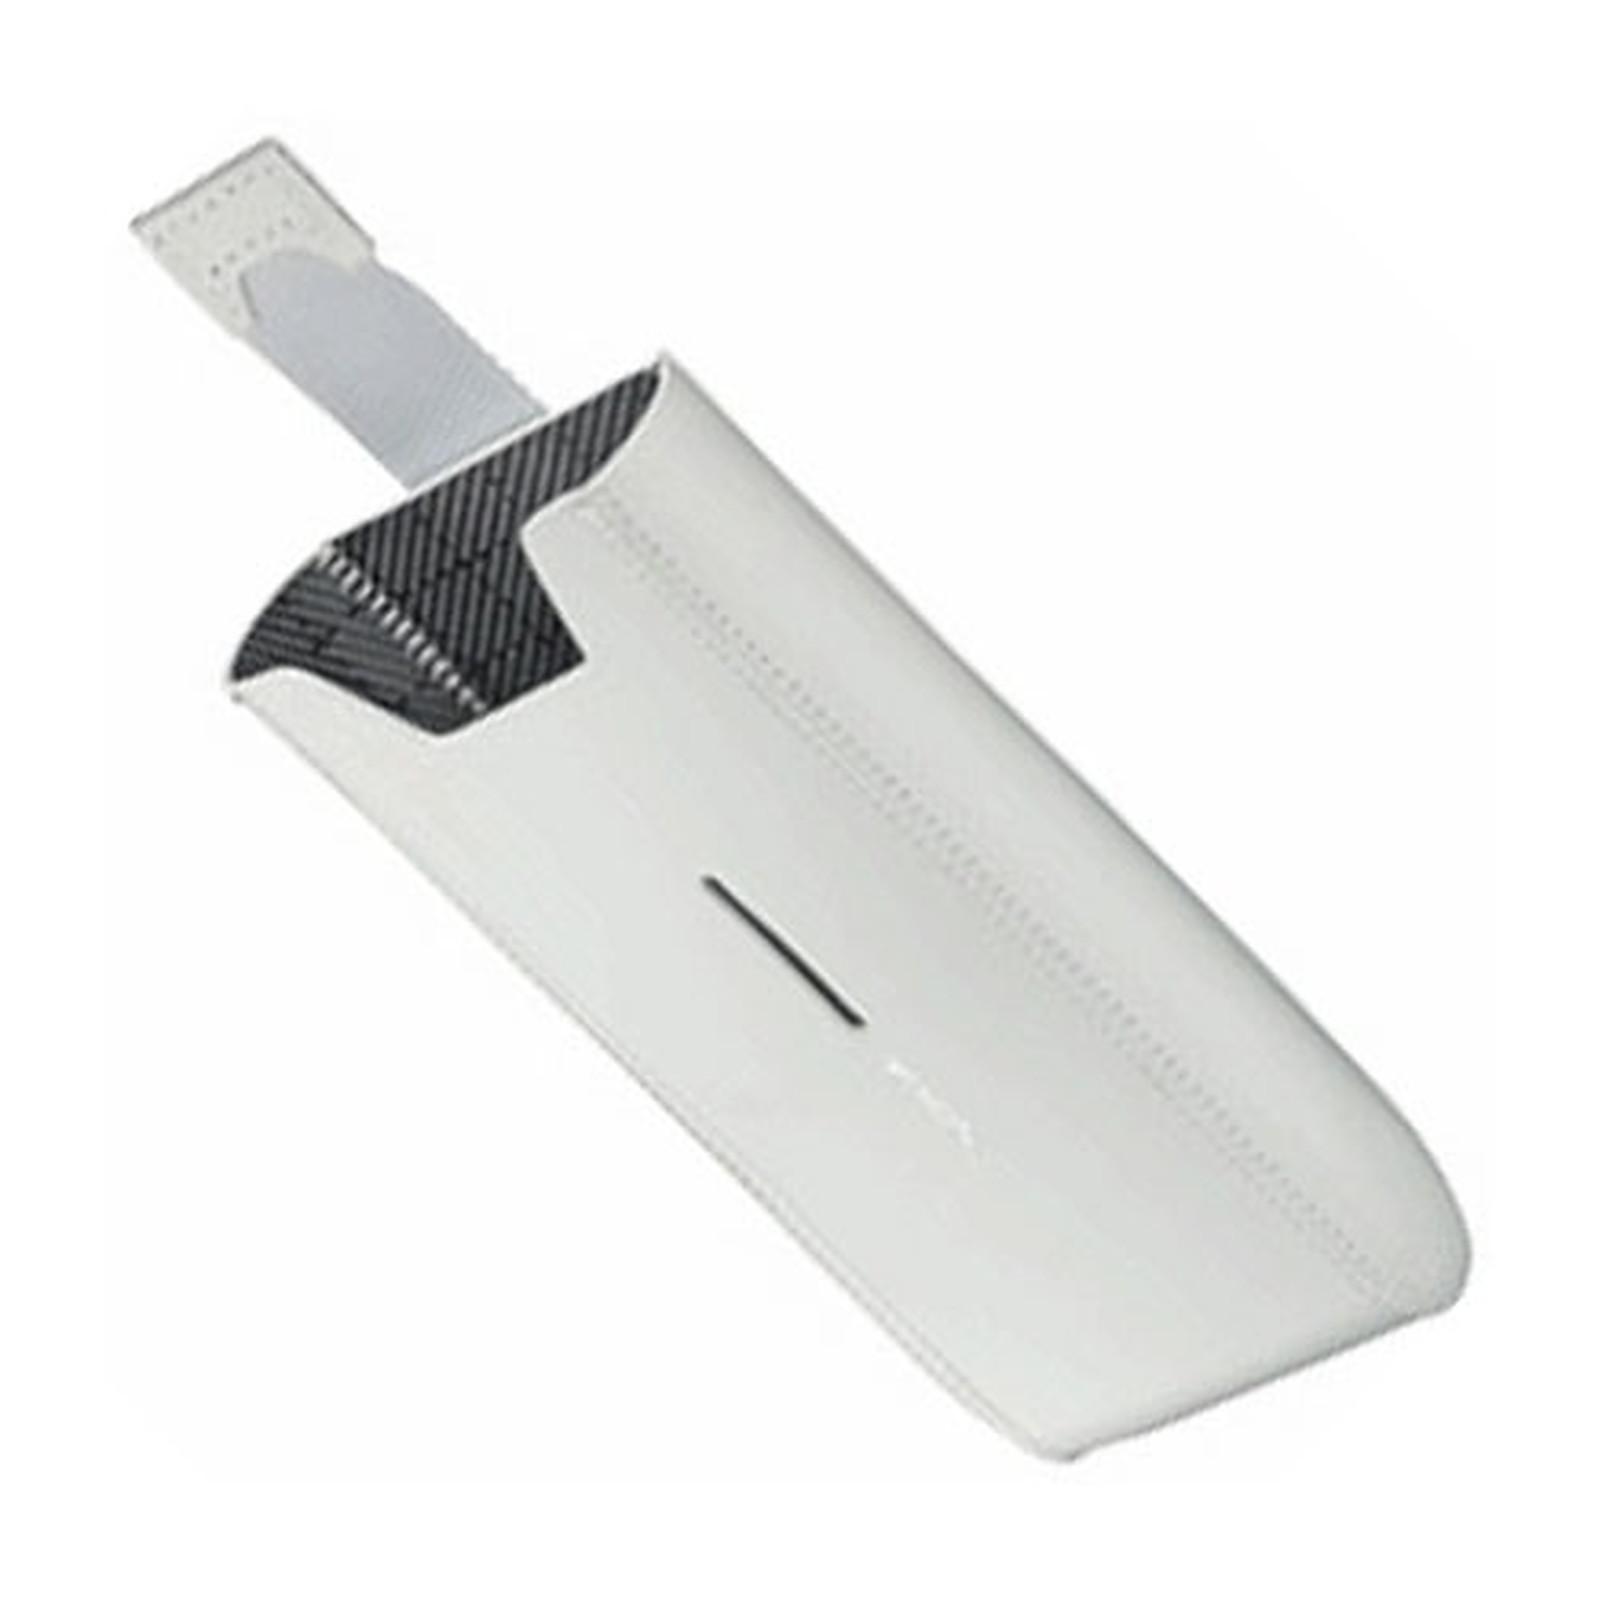 Nokia CP-503W - Etui en cuir blanc pour Nokia N8